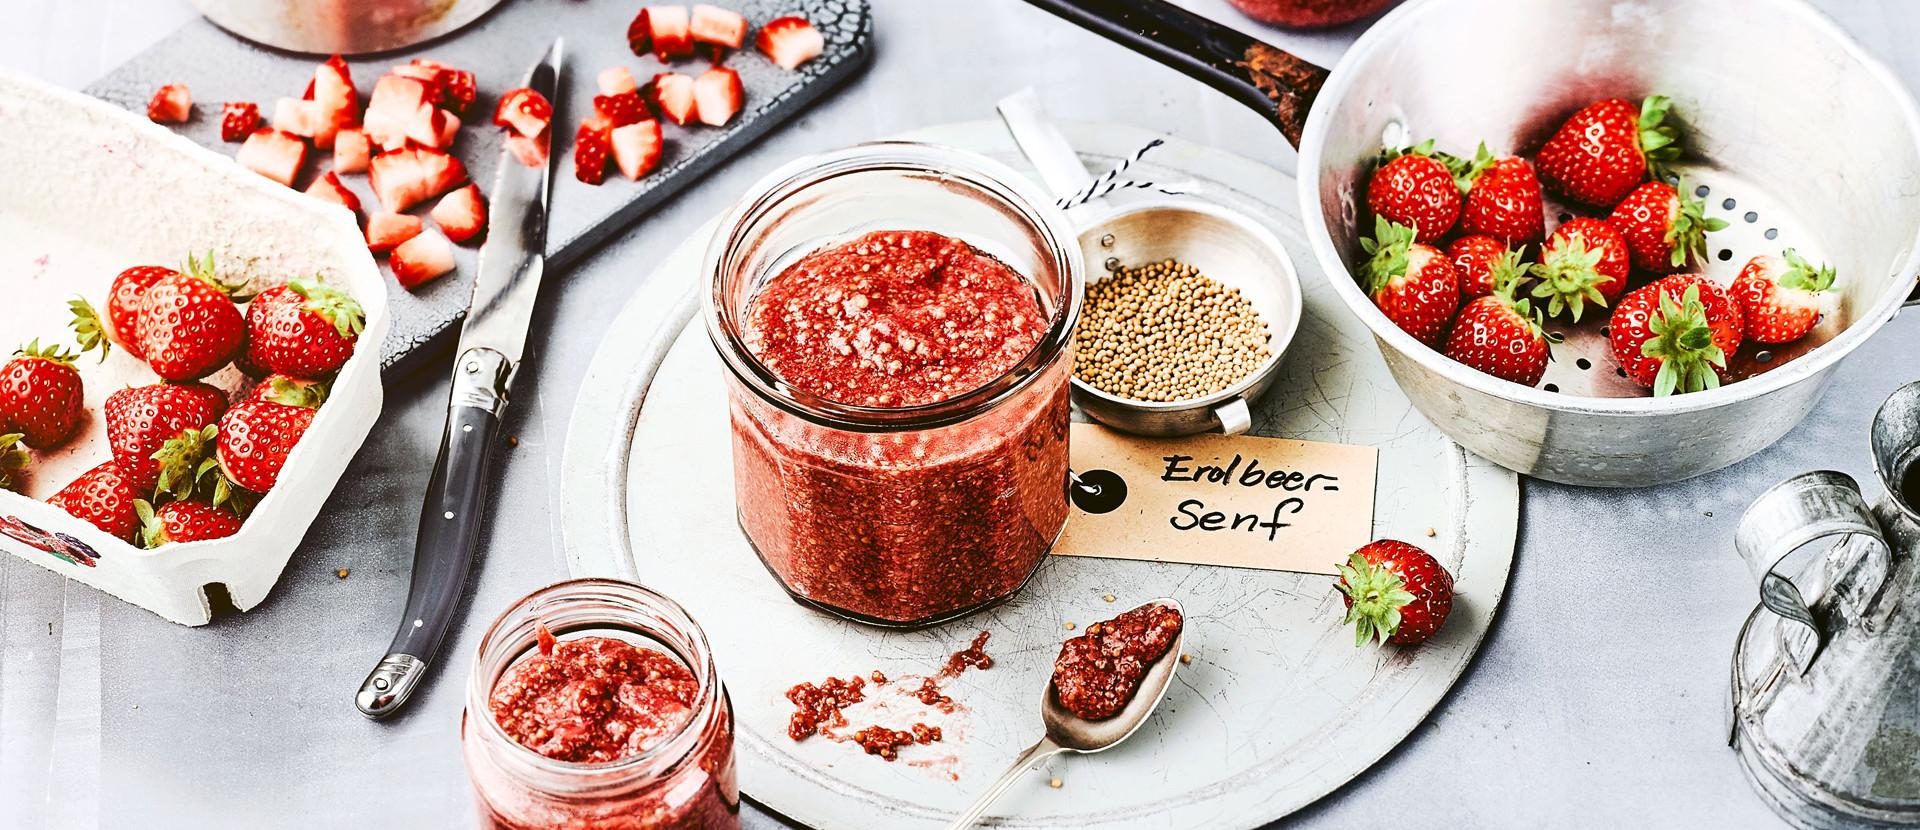 Erdbeer Senf